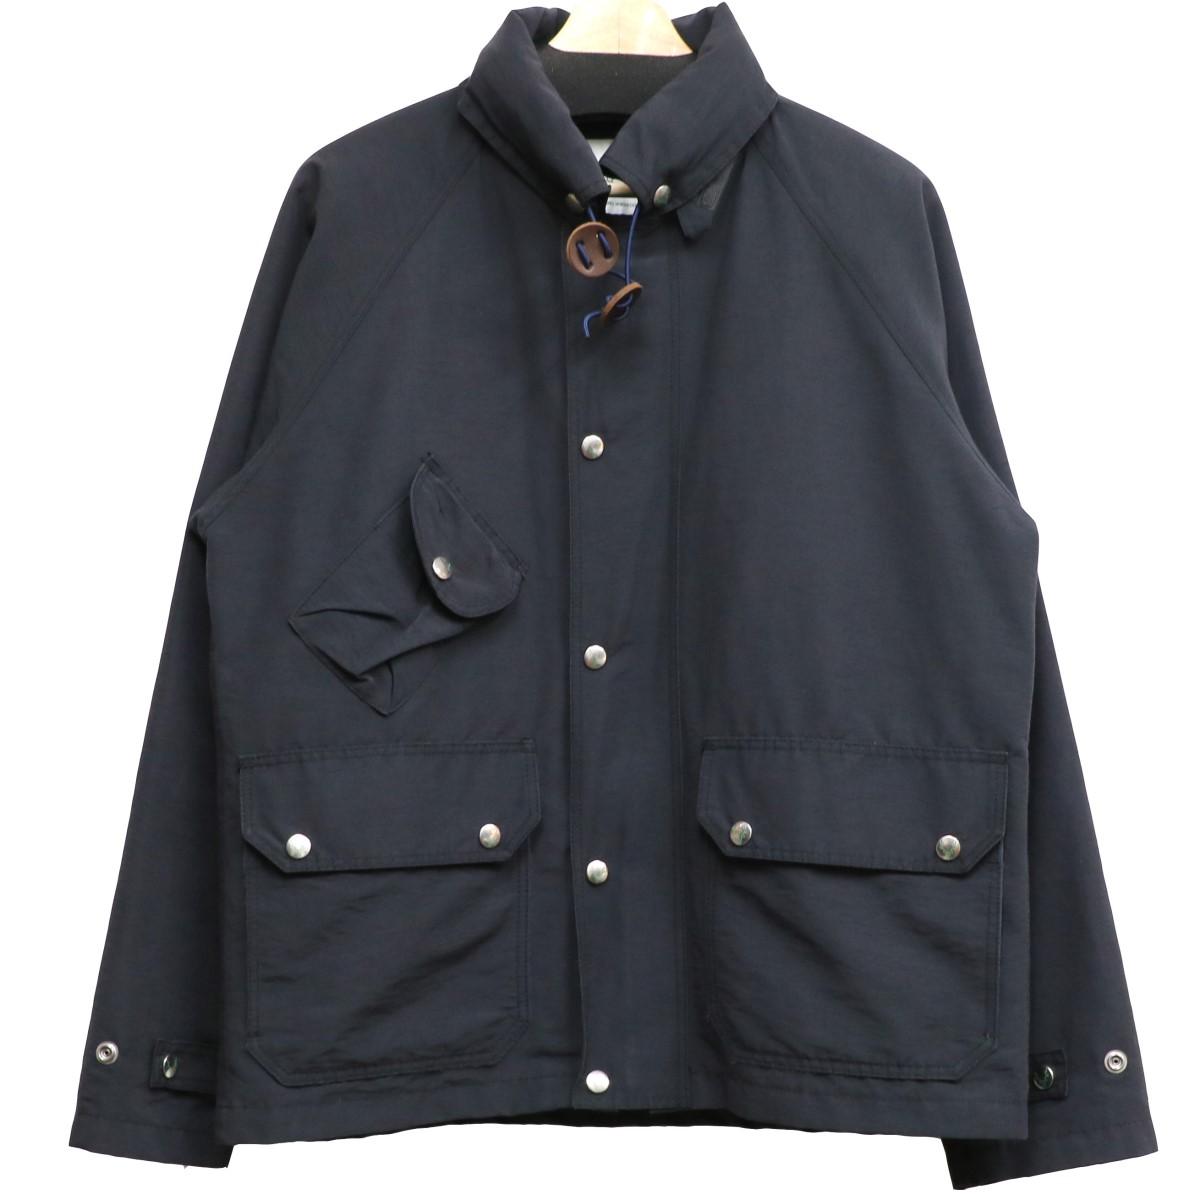 【中古】South2 West8 S2W8 Carmel Jacket60/40カーメルジャケット ネイビー サイズ:S 【020520】(サウスツーウエストエイト)